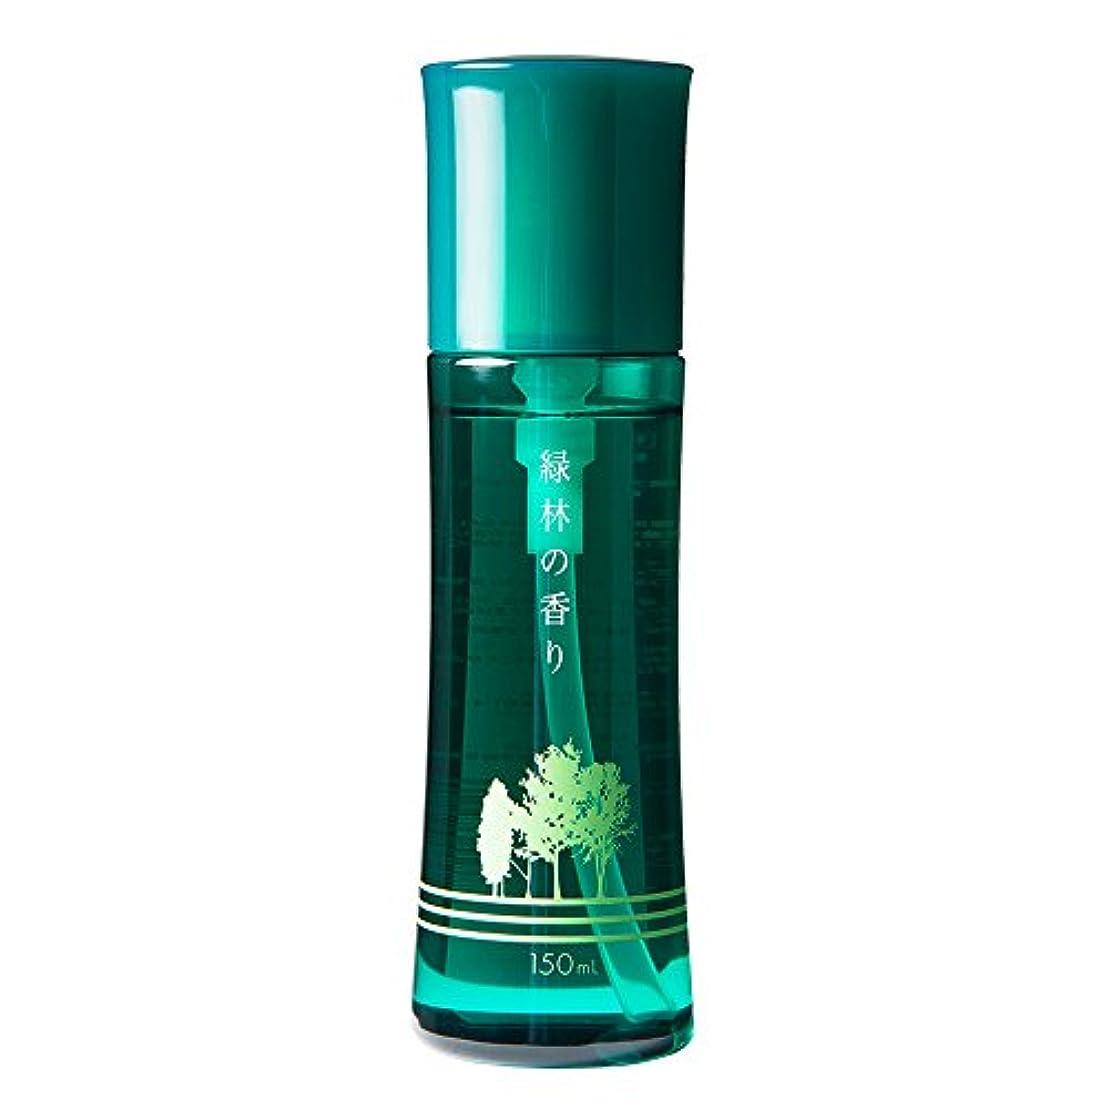 毒液ランク年金受給者芳香剤「緑林の香り(みどりの香り)」150mL 日本予防医薬